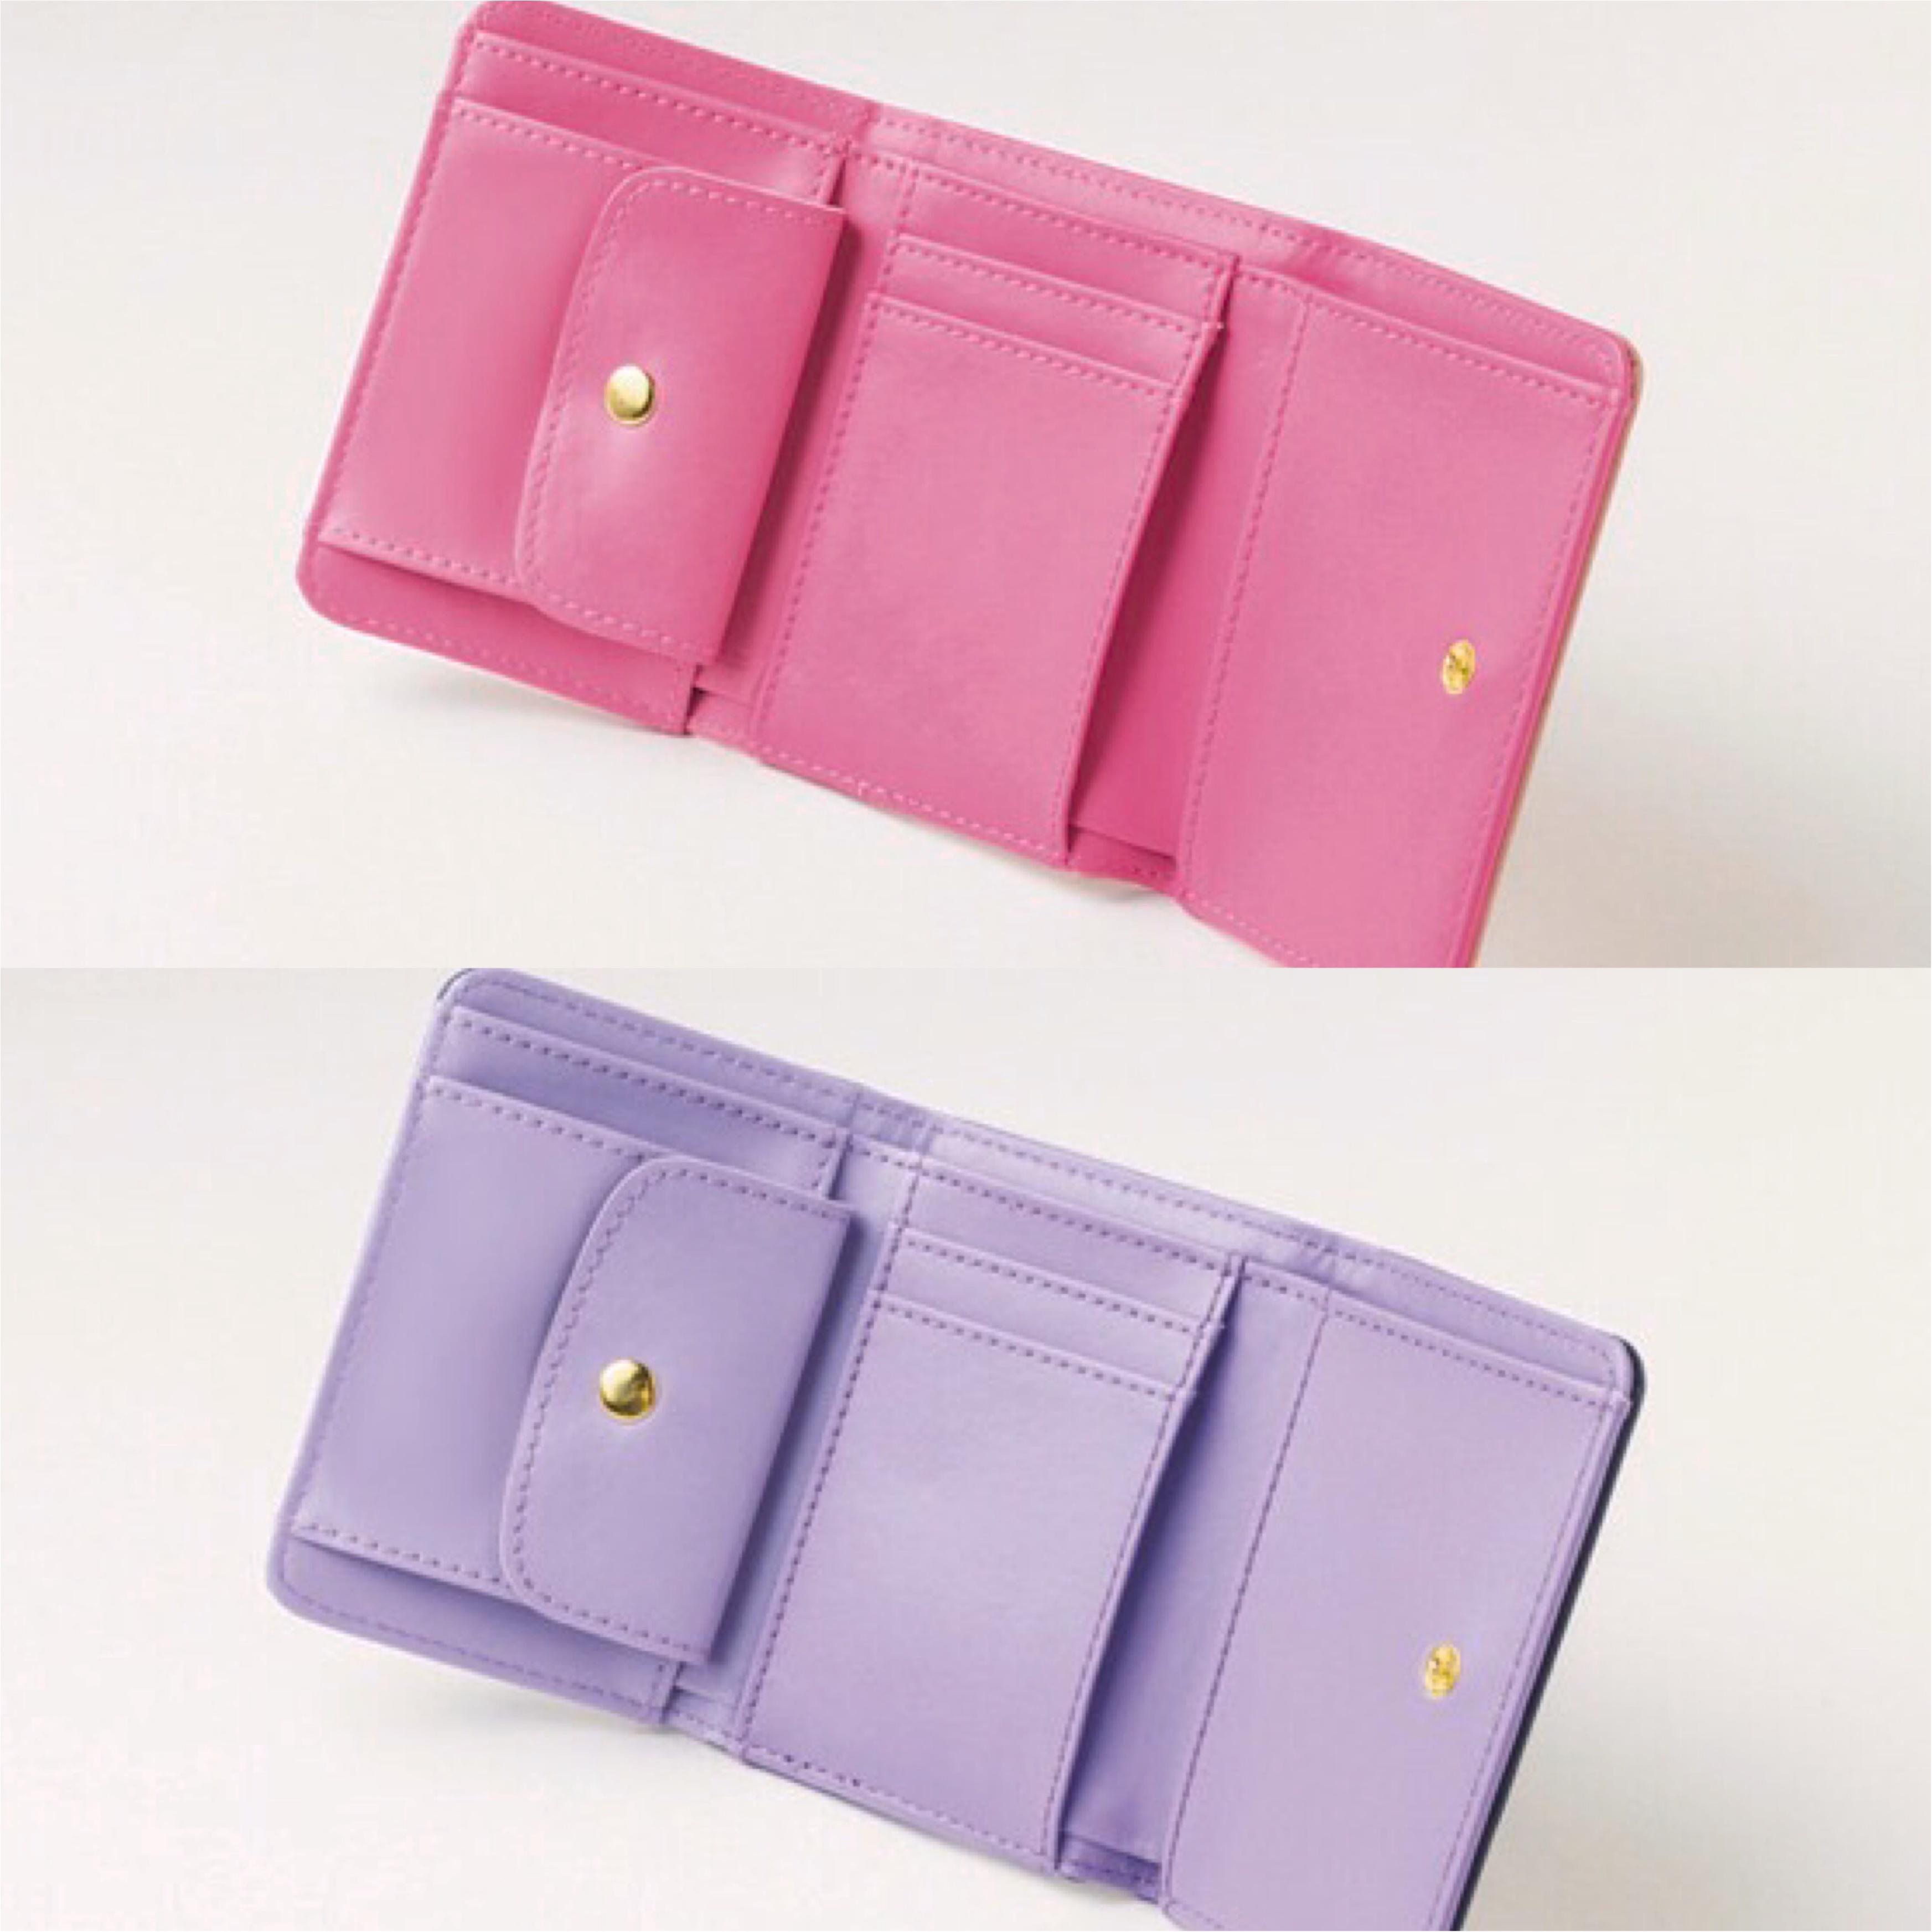 【NEWS】モア11月号の付録は『ジルスチュアート』の三つ折り財布!! ピンクとネイビーから色が選べます♪_3